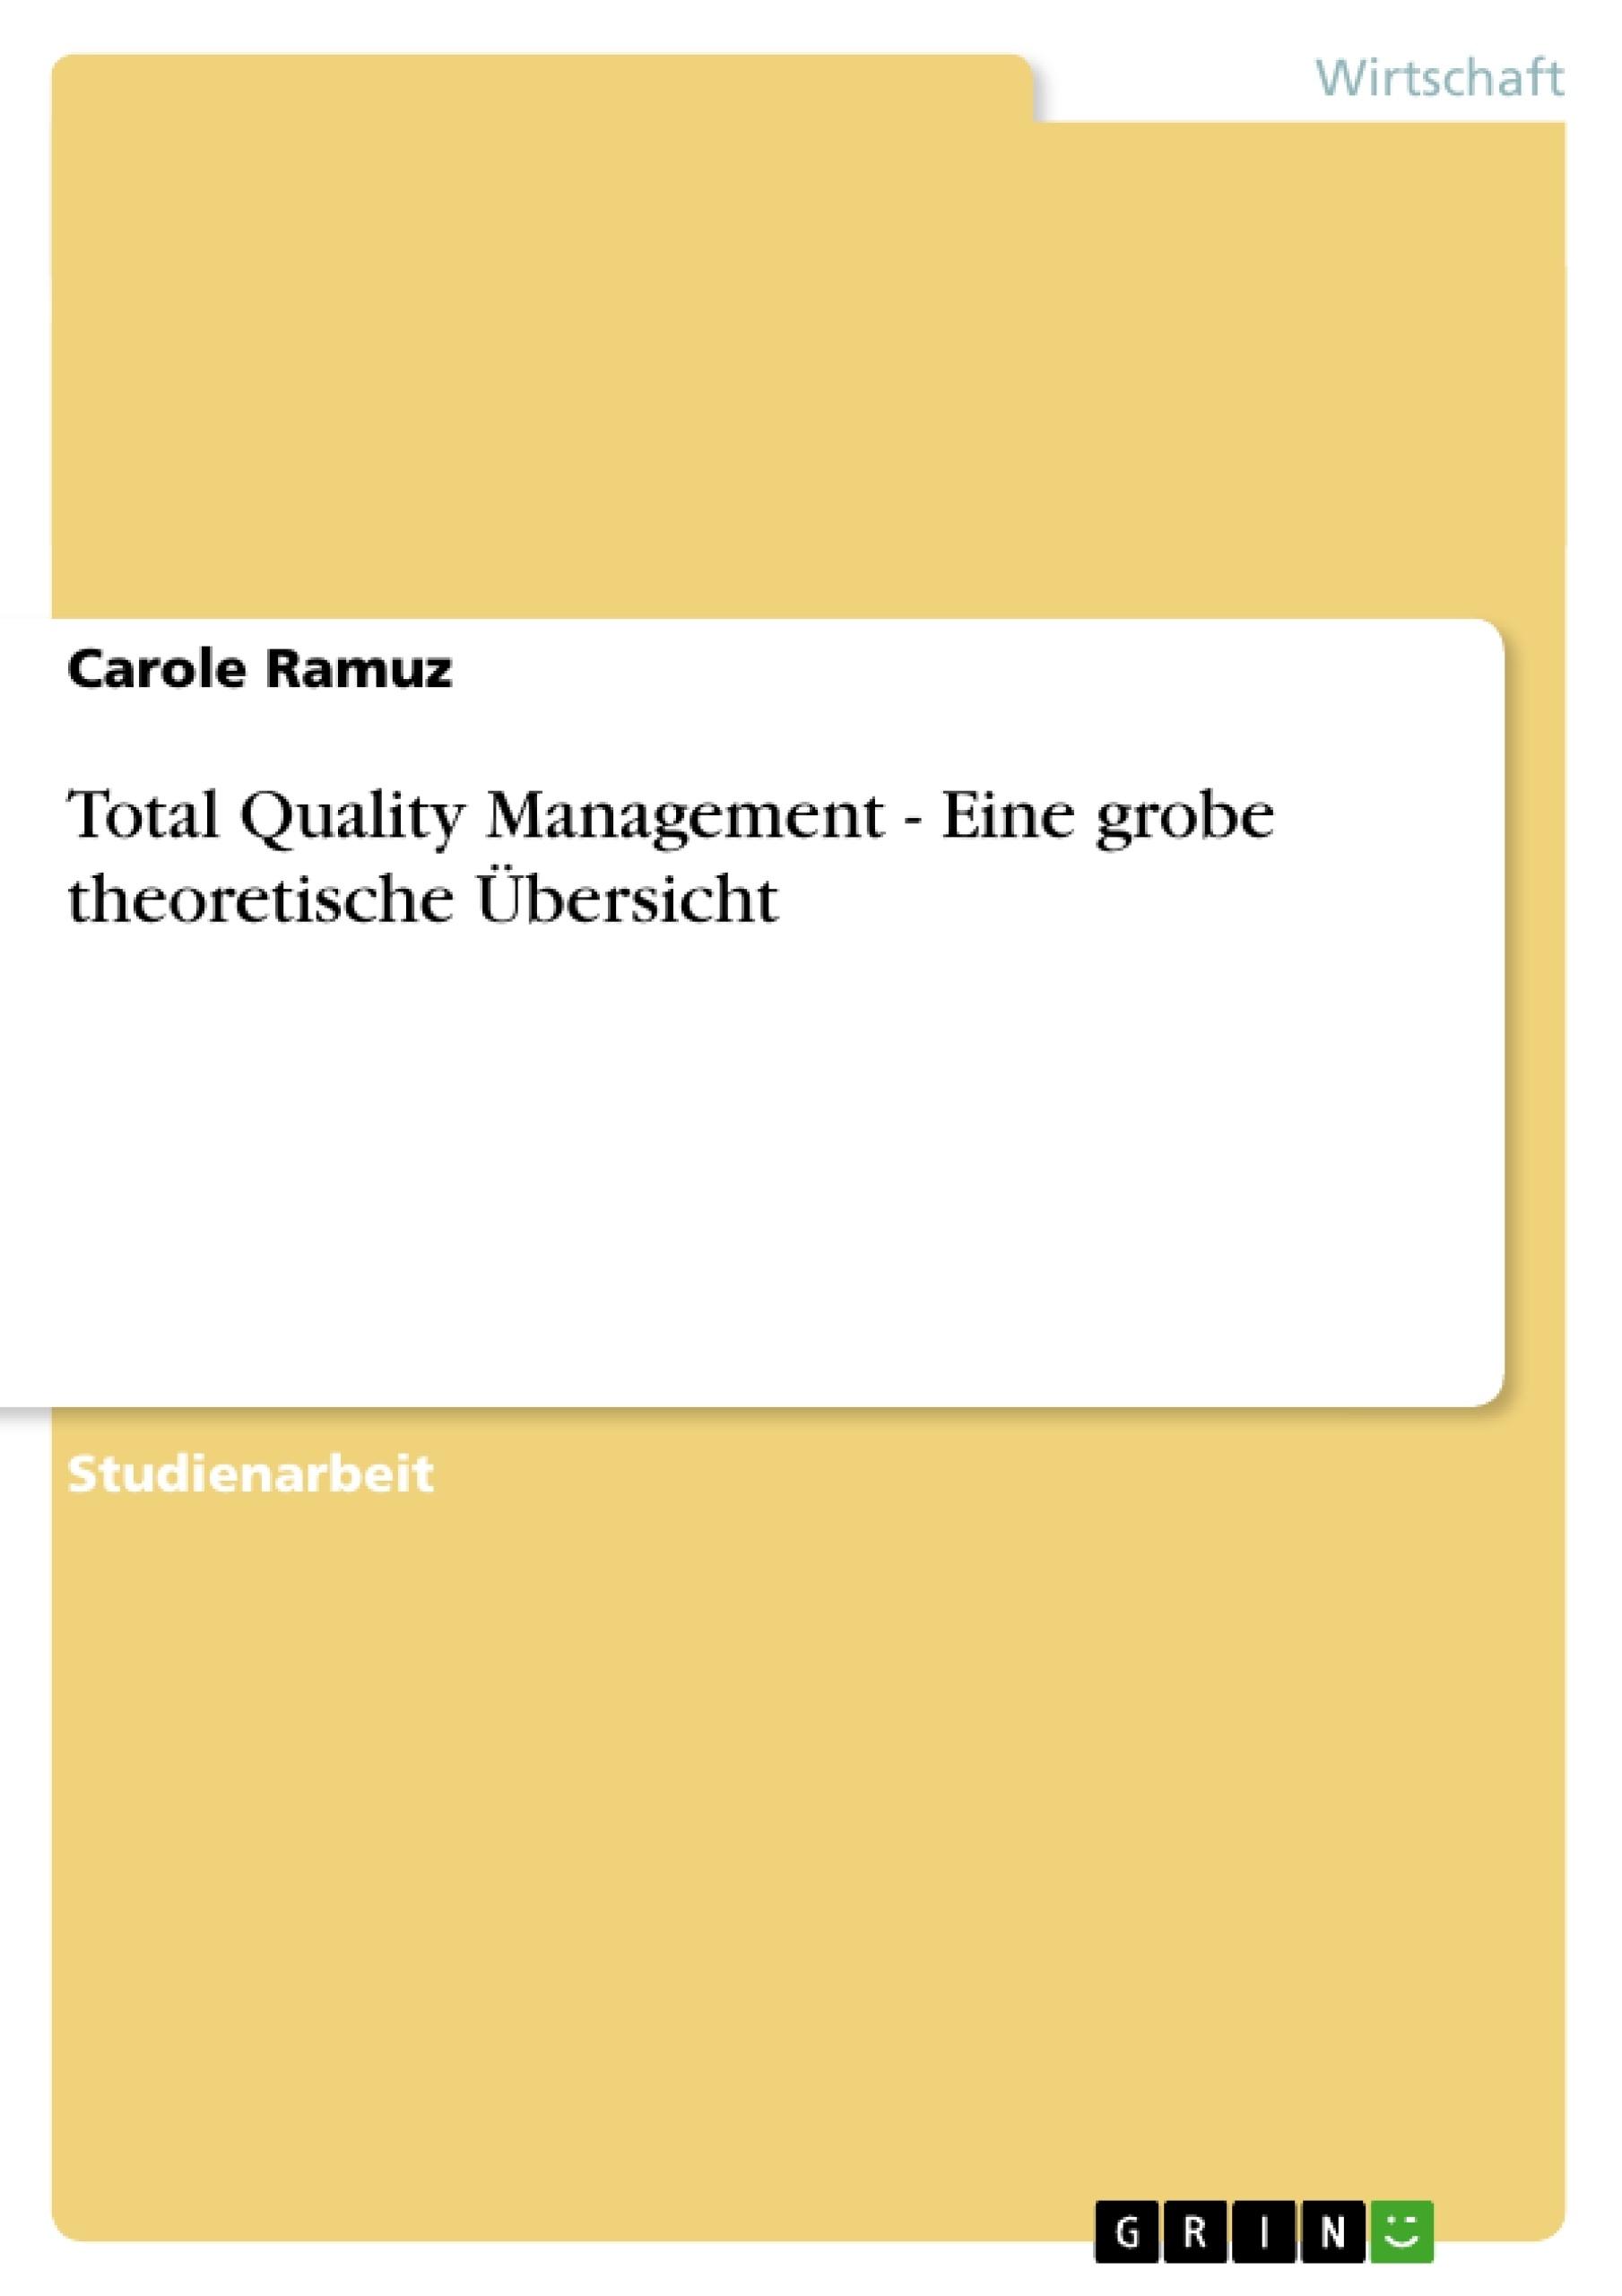 Titel: Total Quality Management - Eine grobe theoretische Übersicht